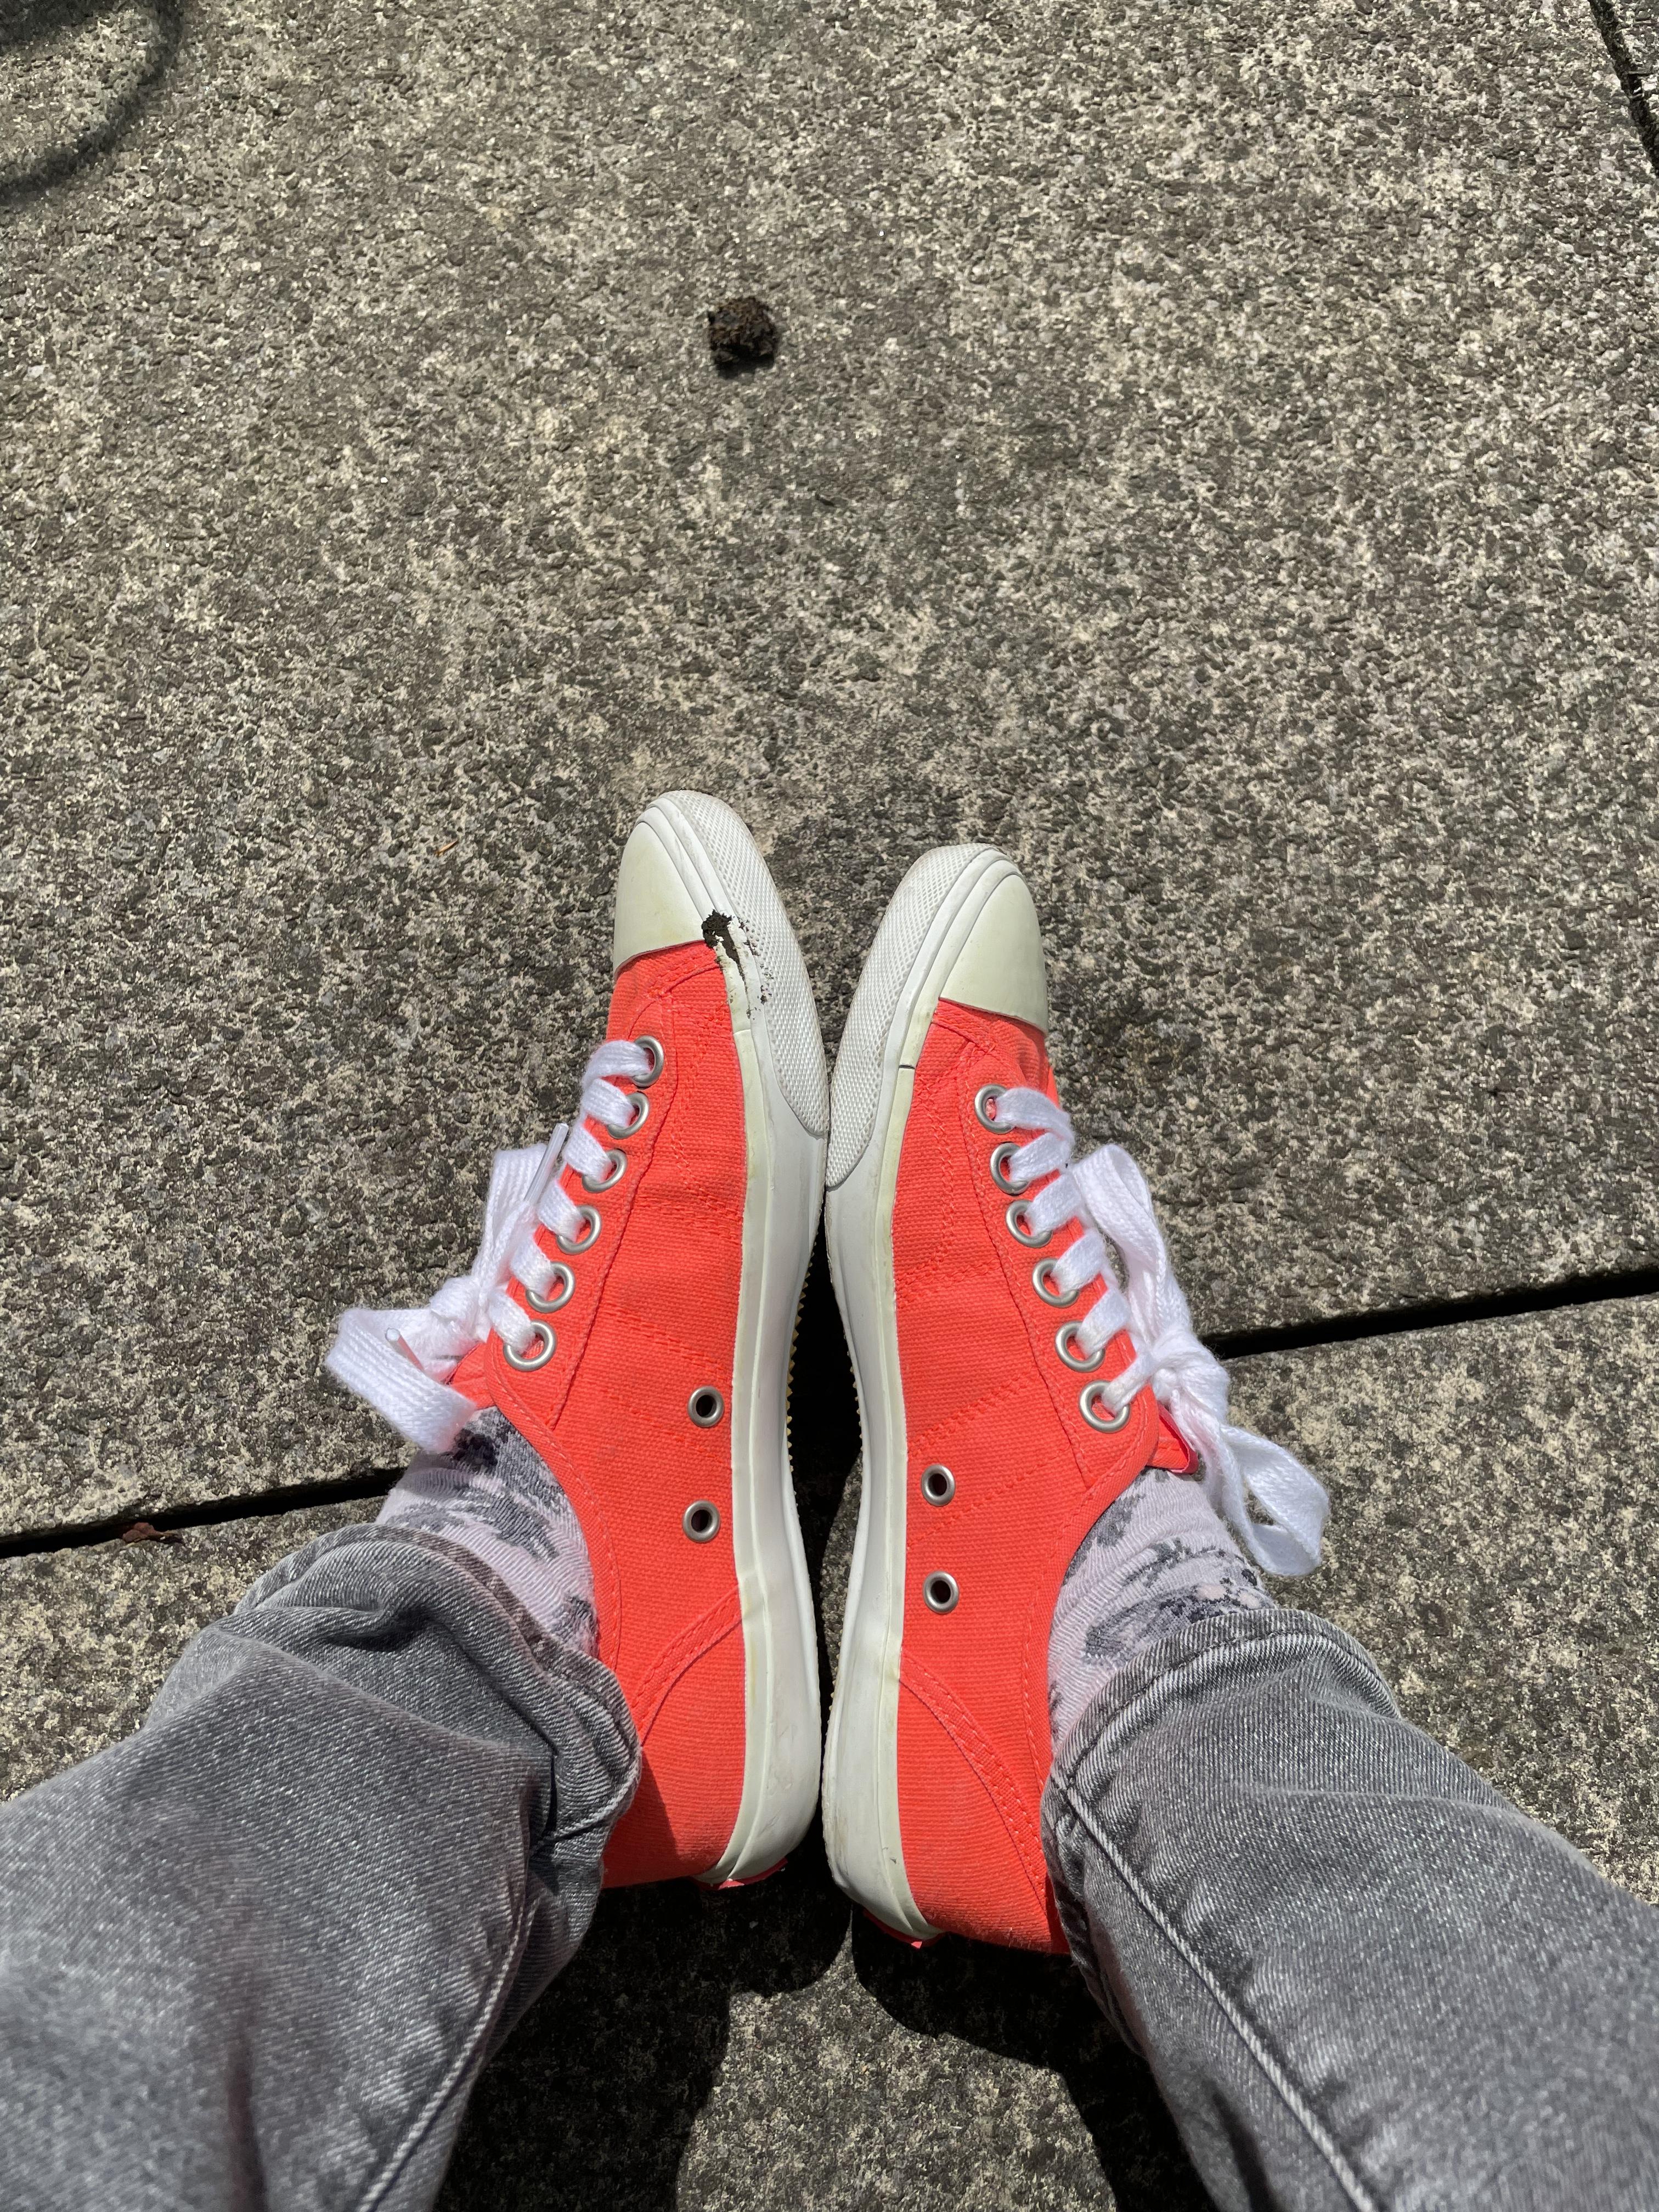 looking down at my orange pumps.